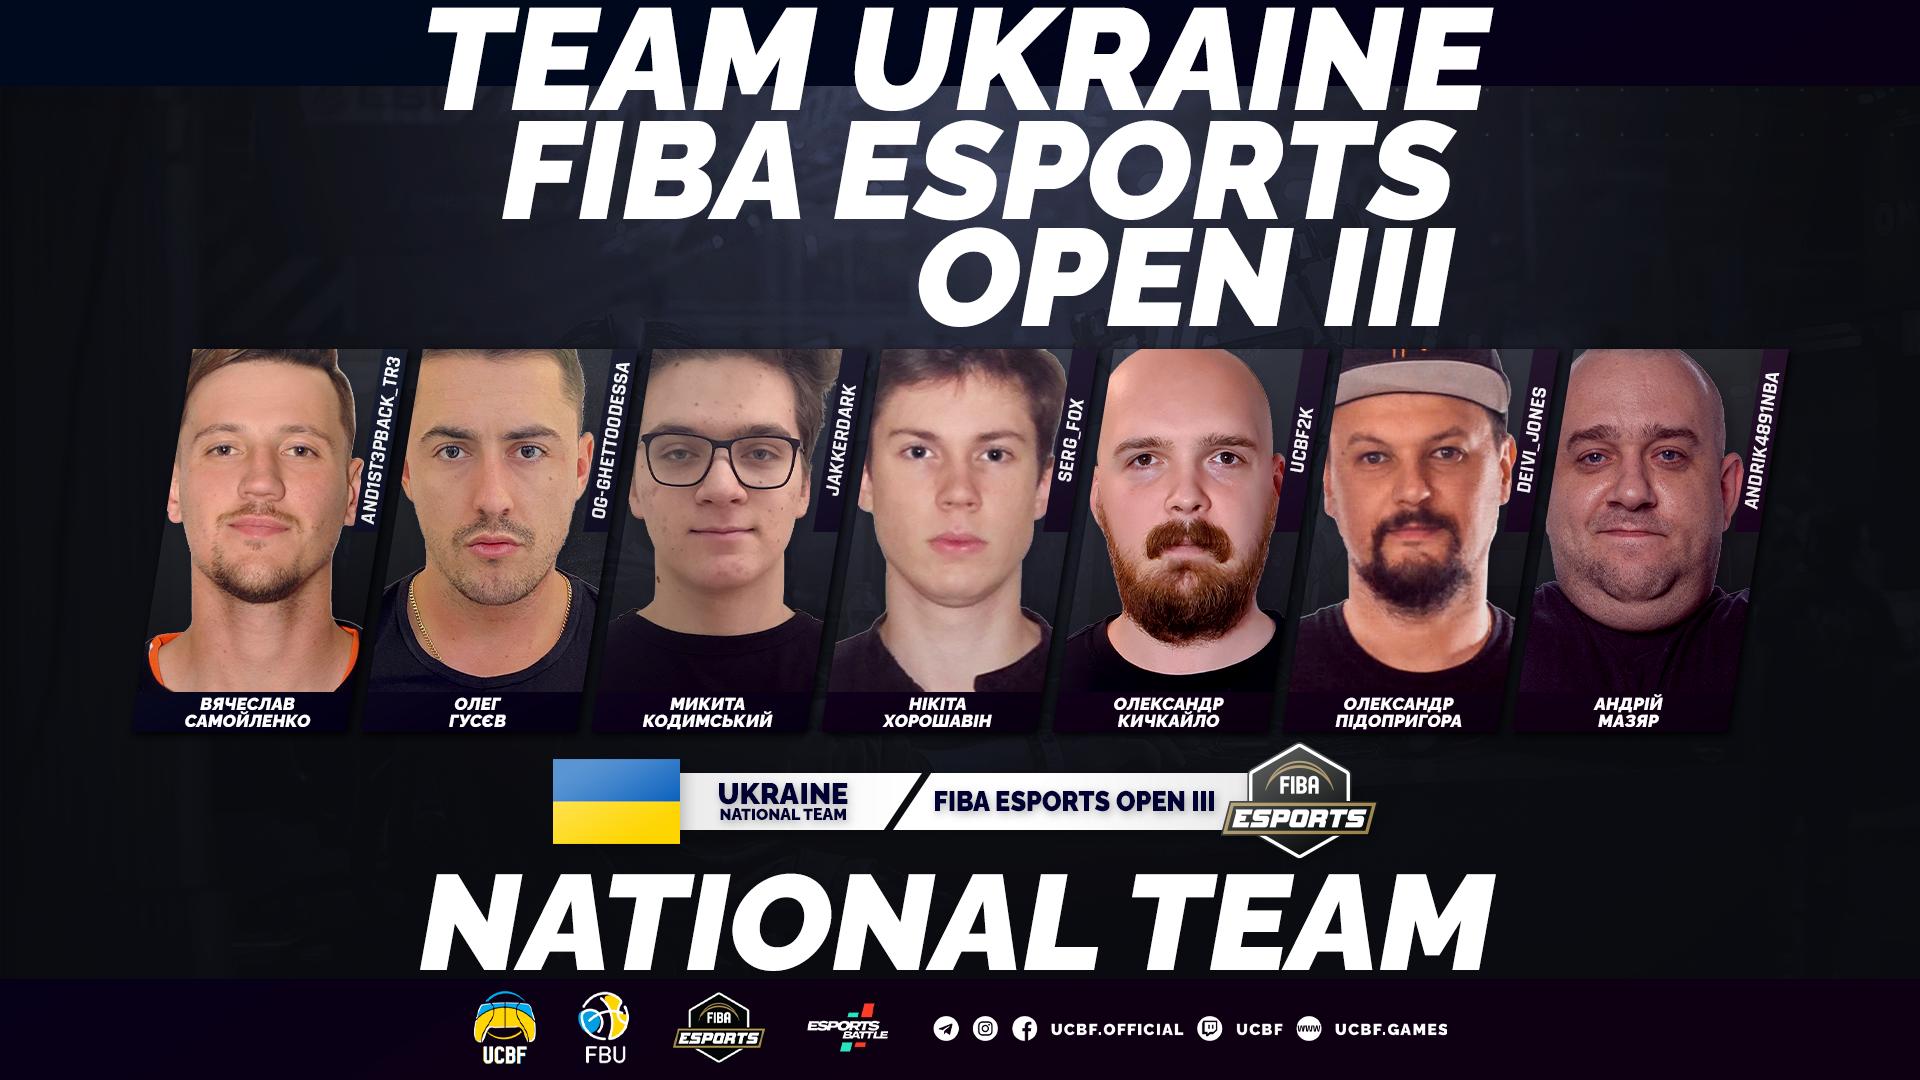 Збірна України з кібербаскетболу стартує на FIBA Esports Open III. Відеотрансляція